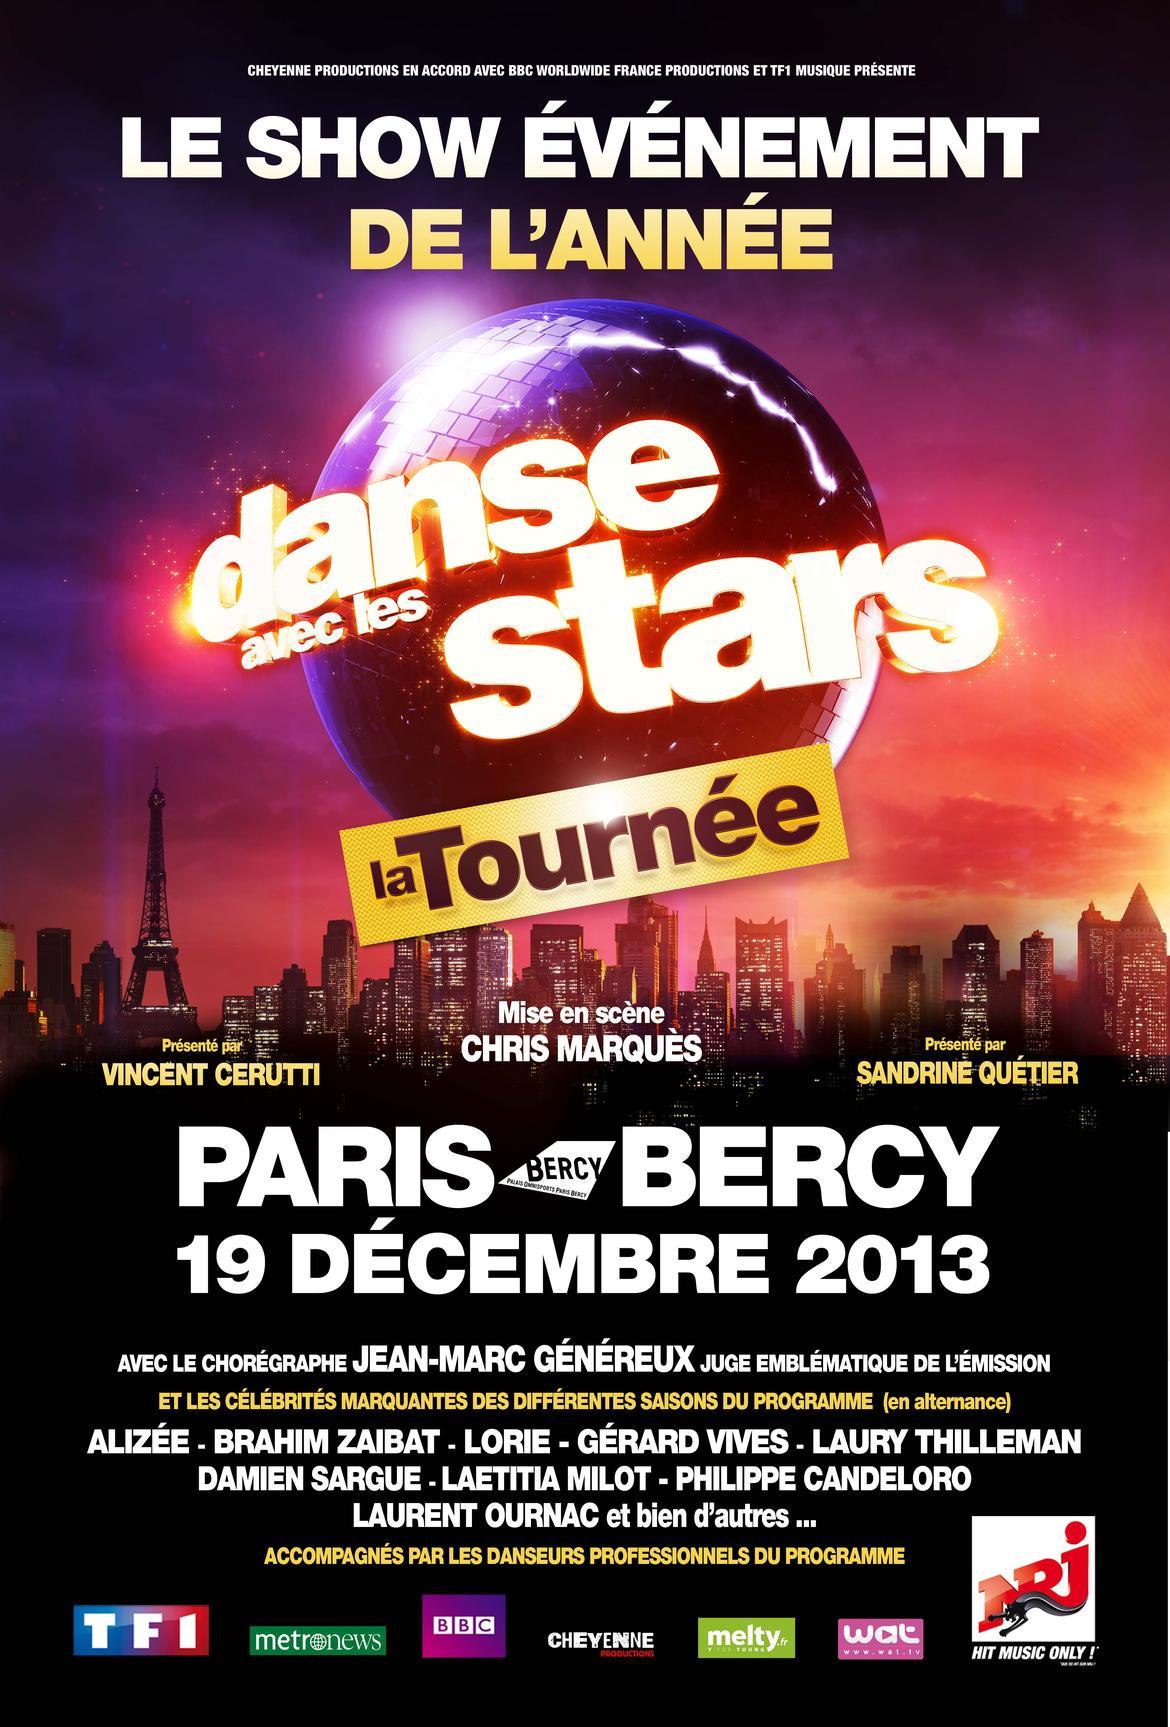 DanseAvecLesStars_LaTournee_Affiche_40x60_HD